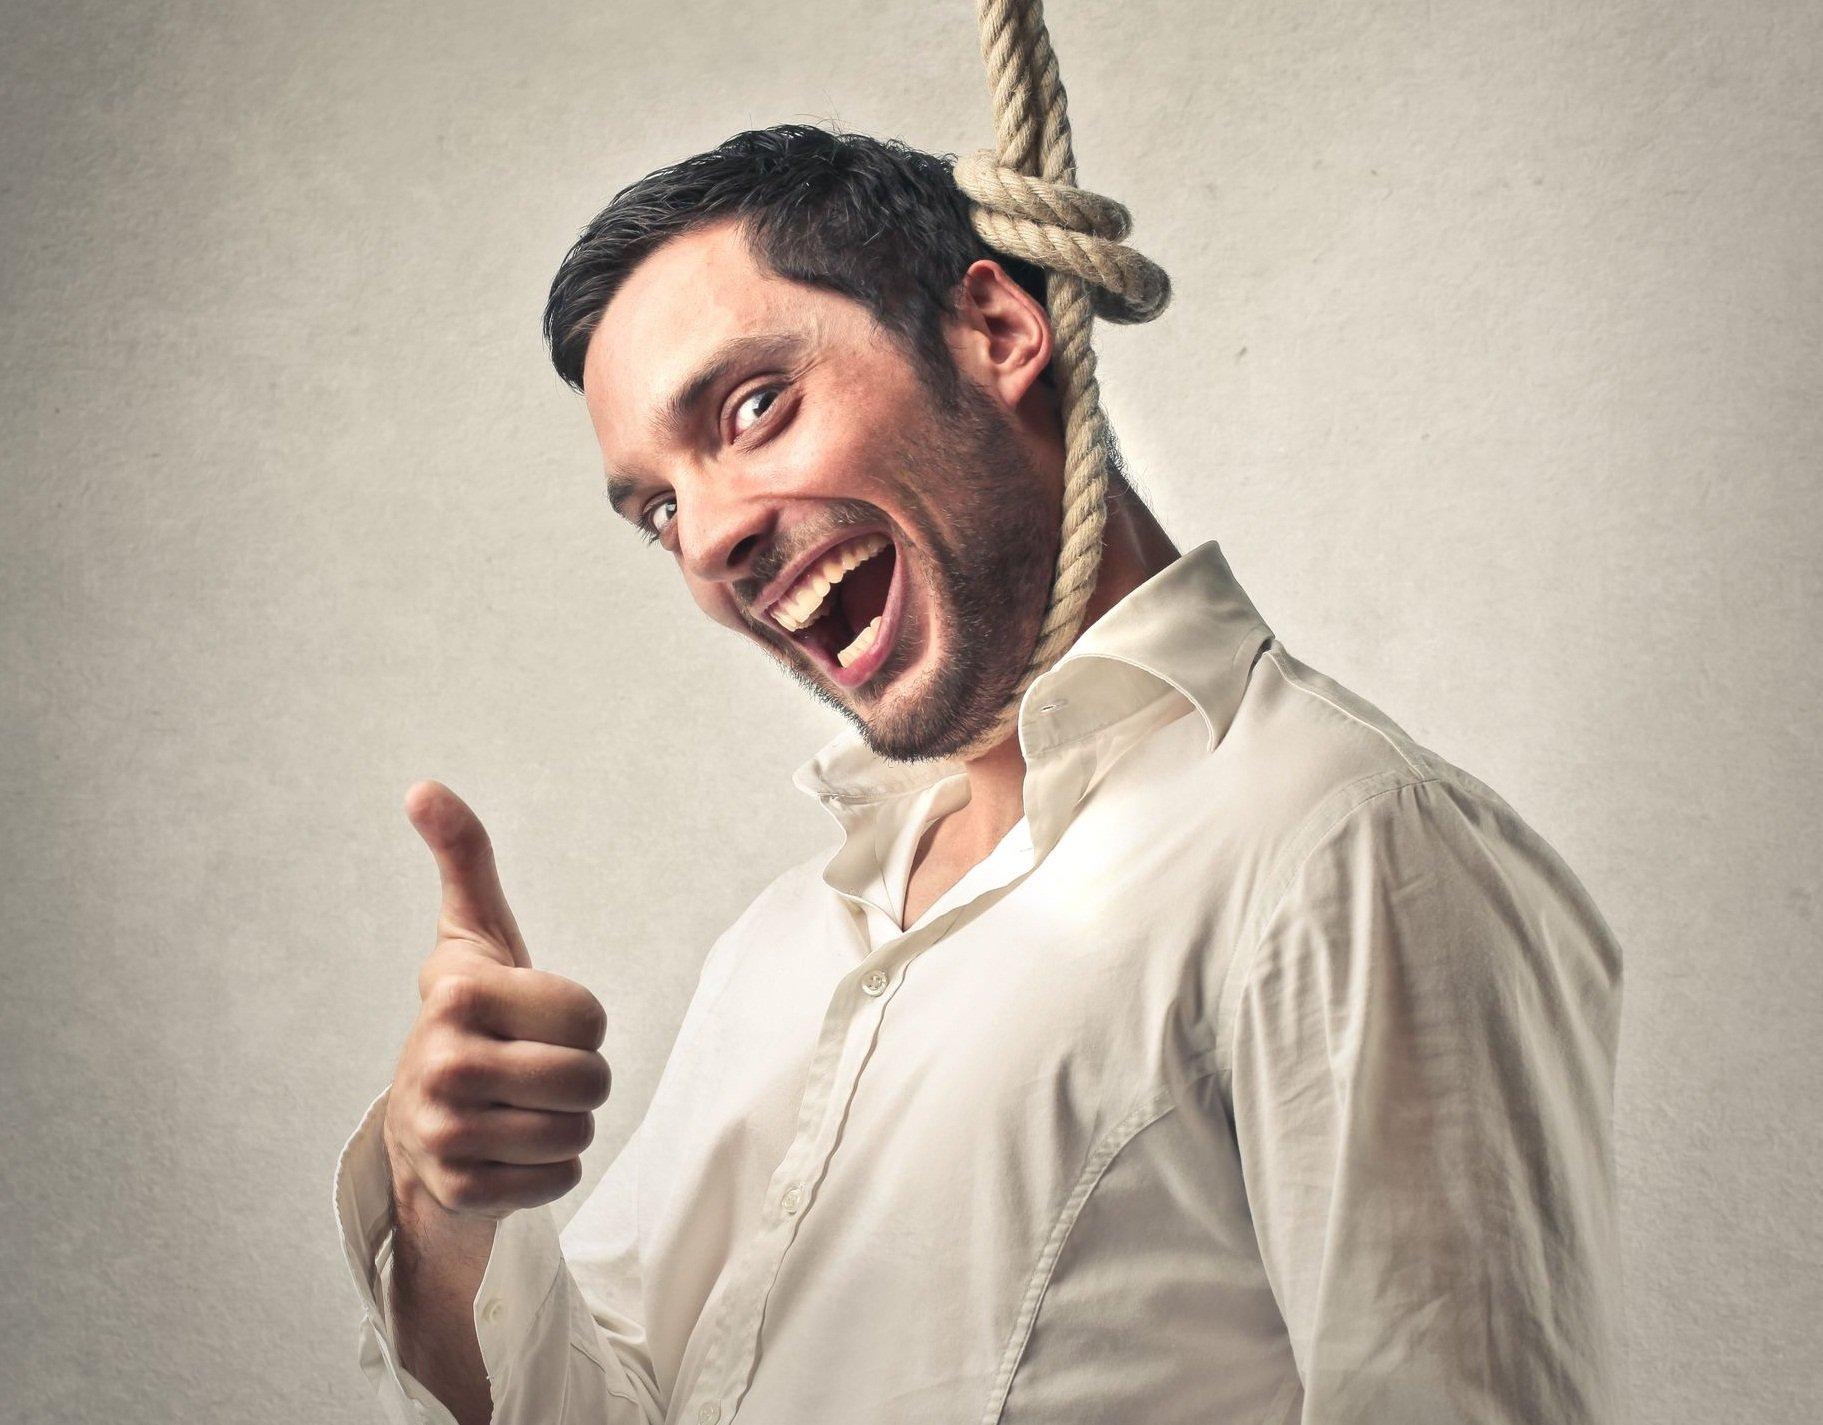 Jak nespáchat sebevraždu